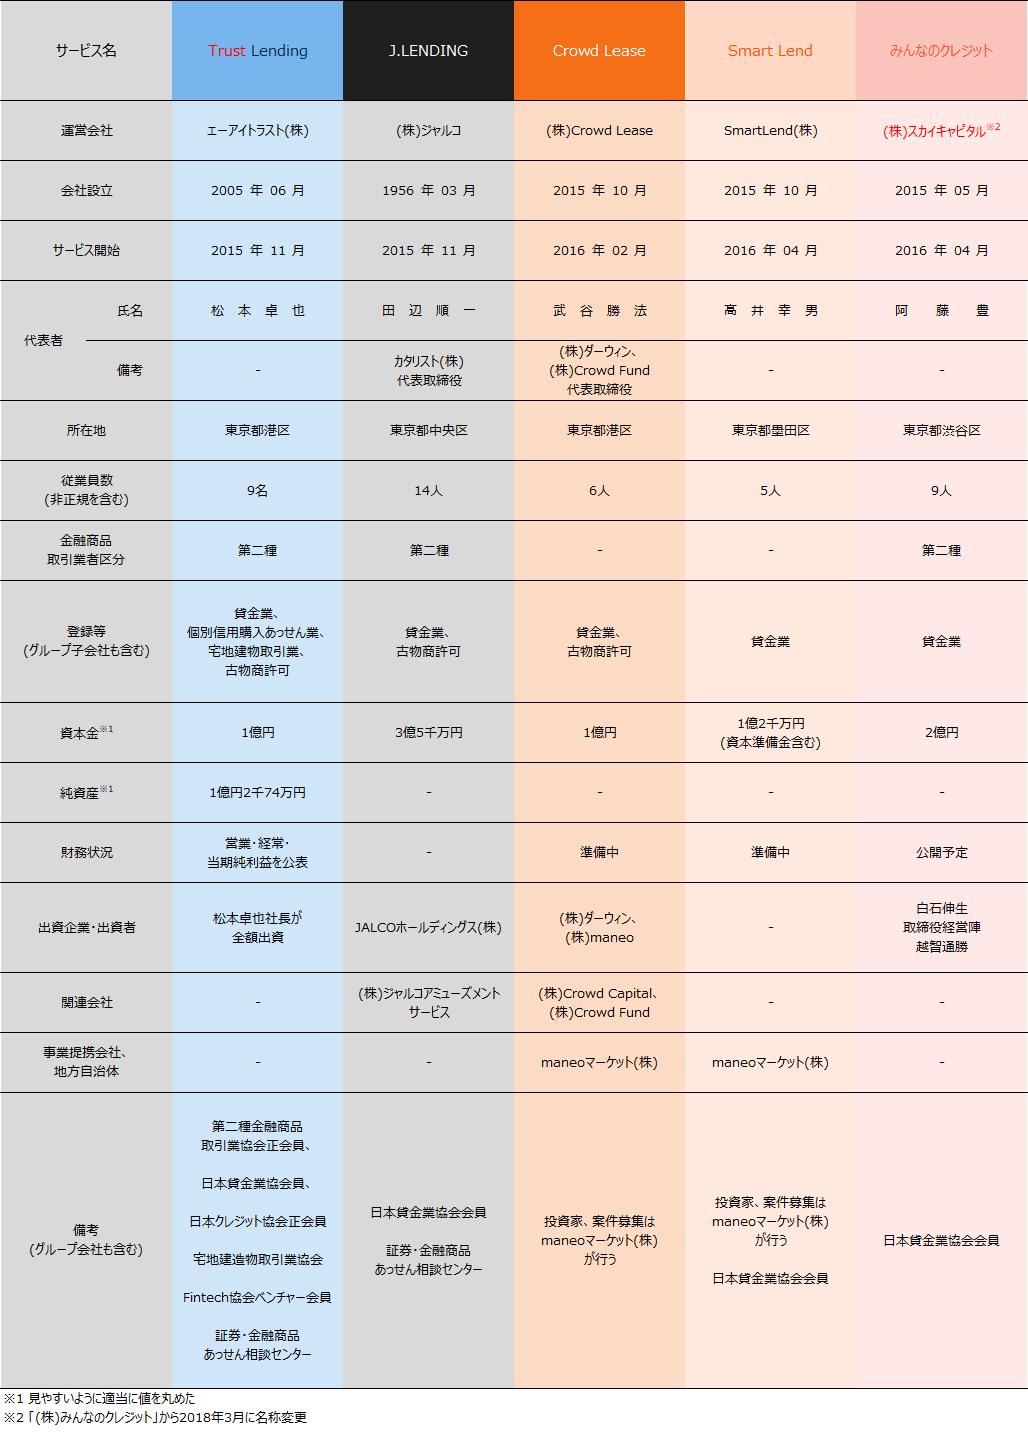 03_ソーシャルレンディング業者比較2018年4月